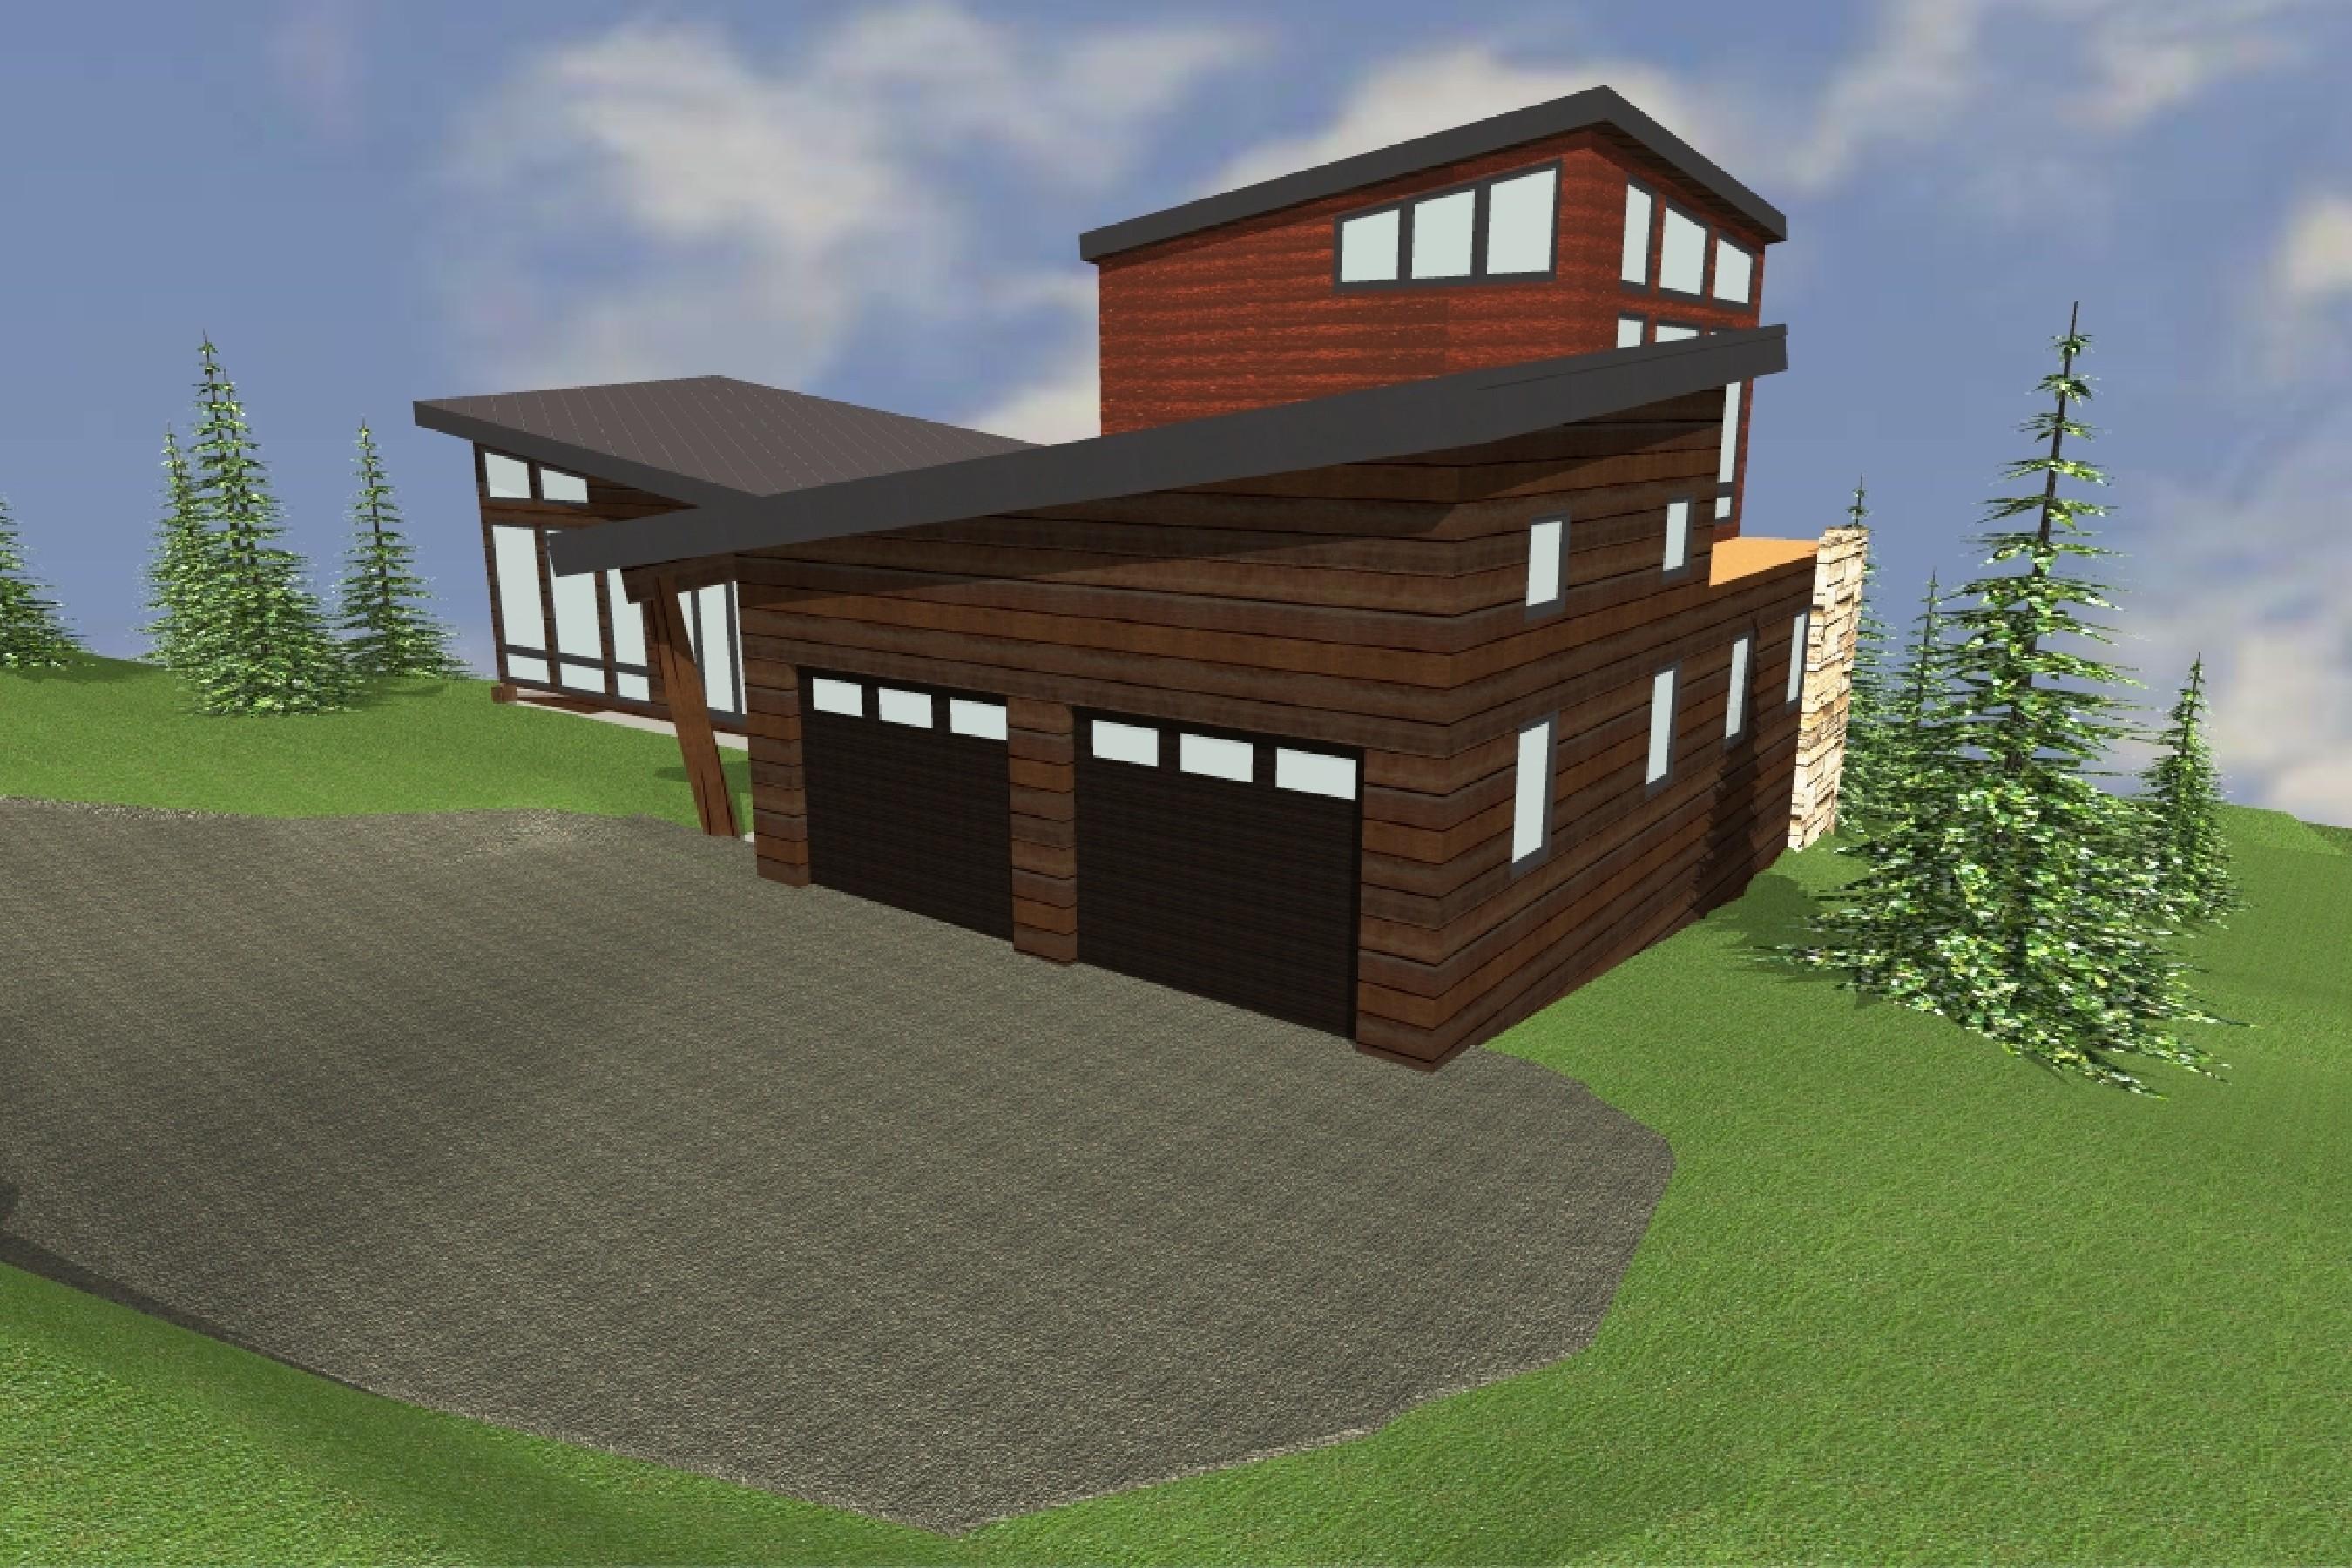 独户住宅 为 销售 在 Brand New on Red Mountain 62 Bennett Court Red Mountain, 阿斯彭, 科罗拉多州, 81611 美国